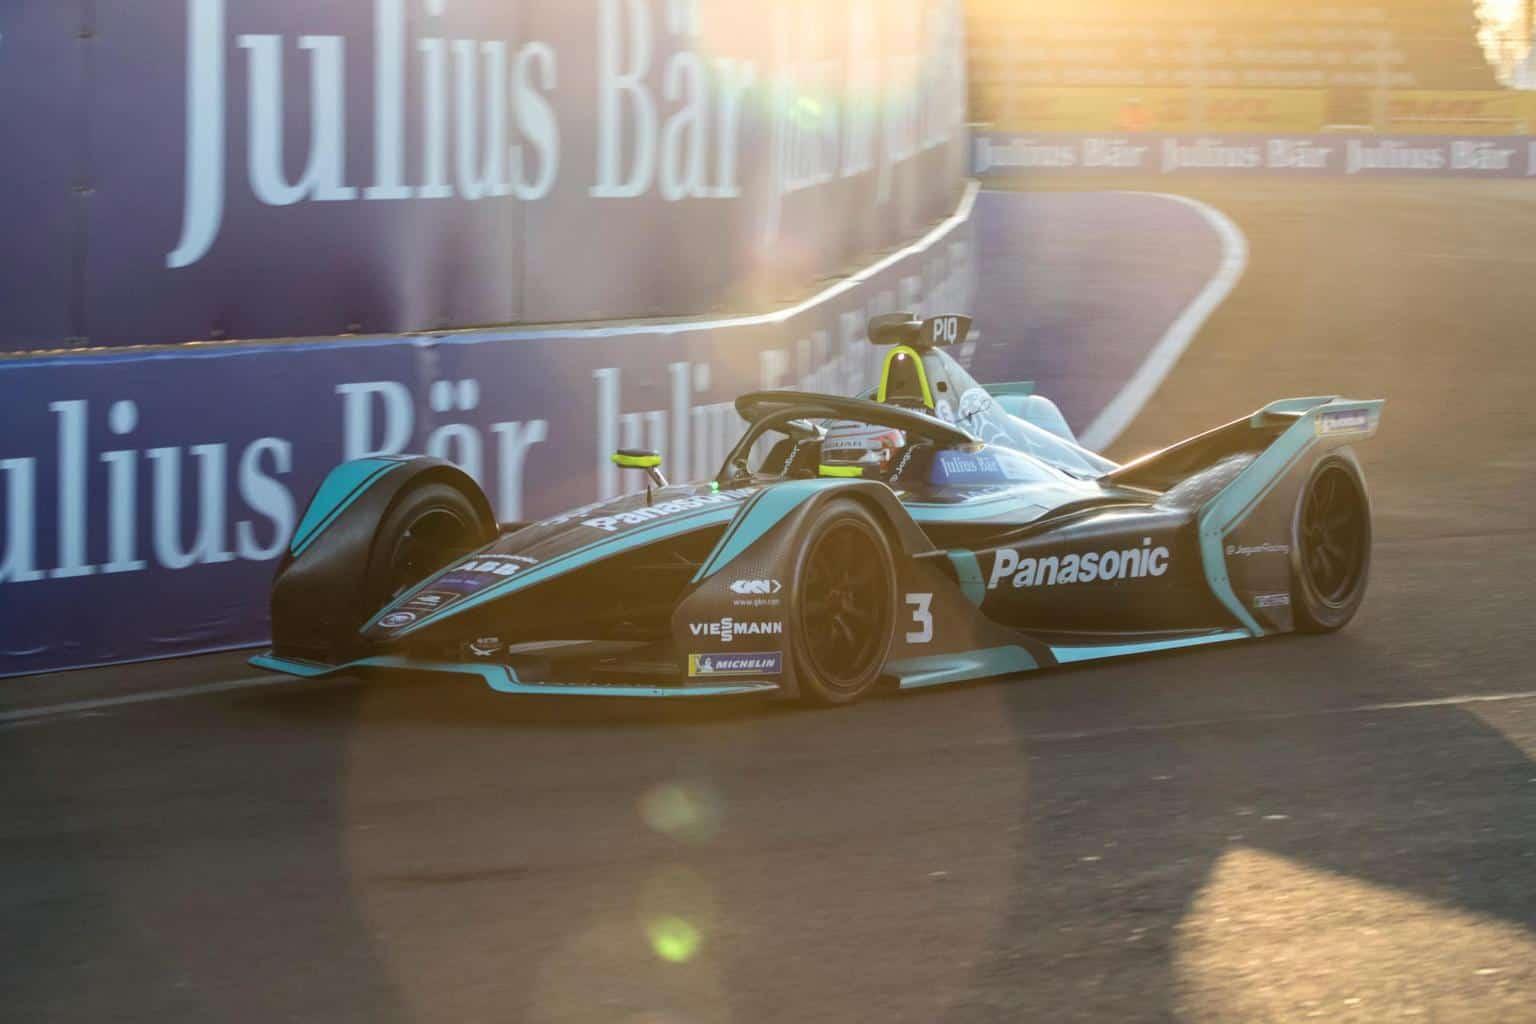 Formel-E-Rennwagen ab 2022 um 100 kW stärker, Schnellladung mit 600 kW